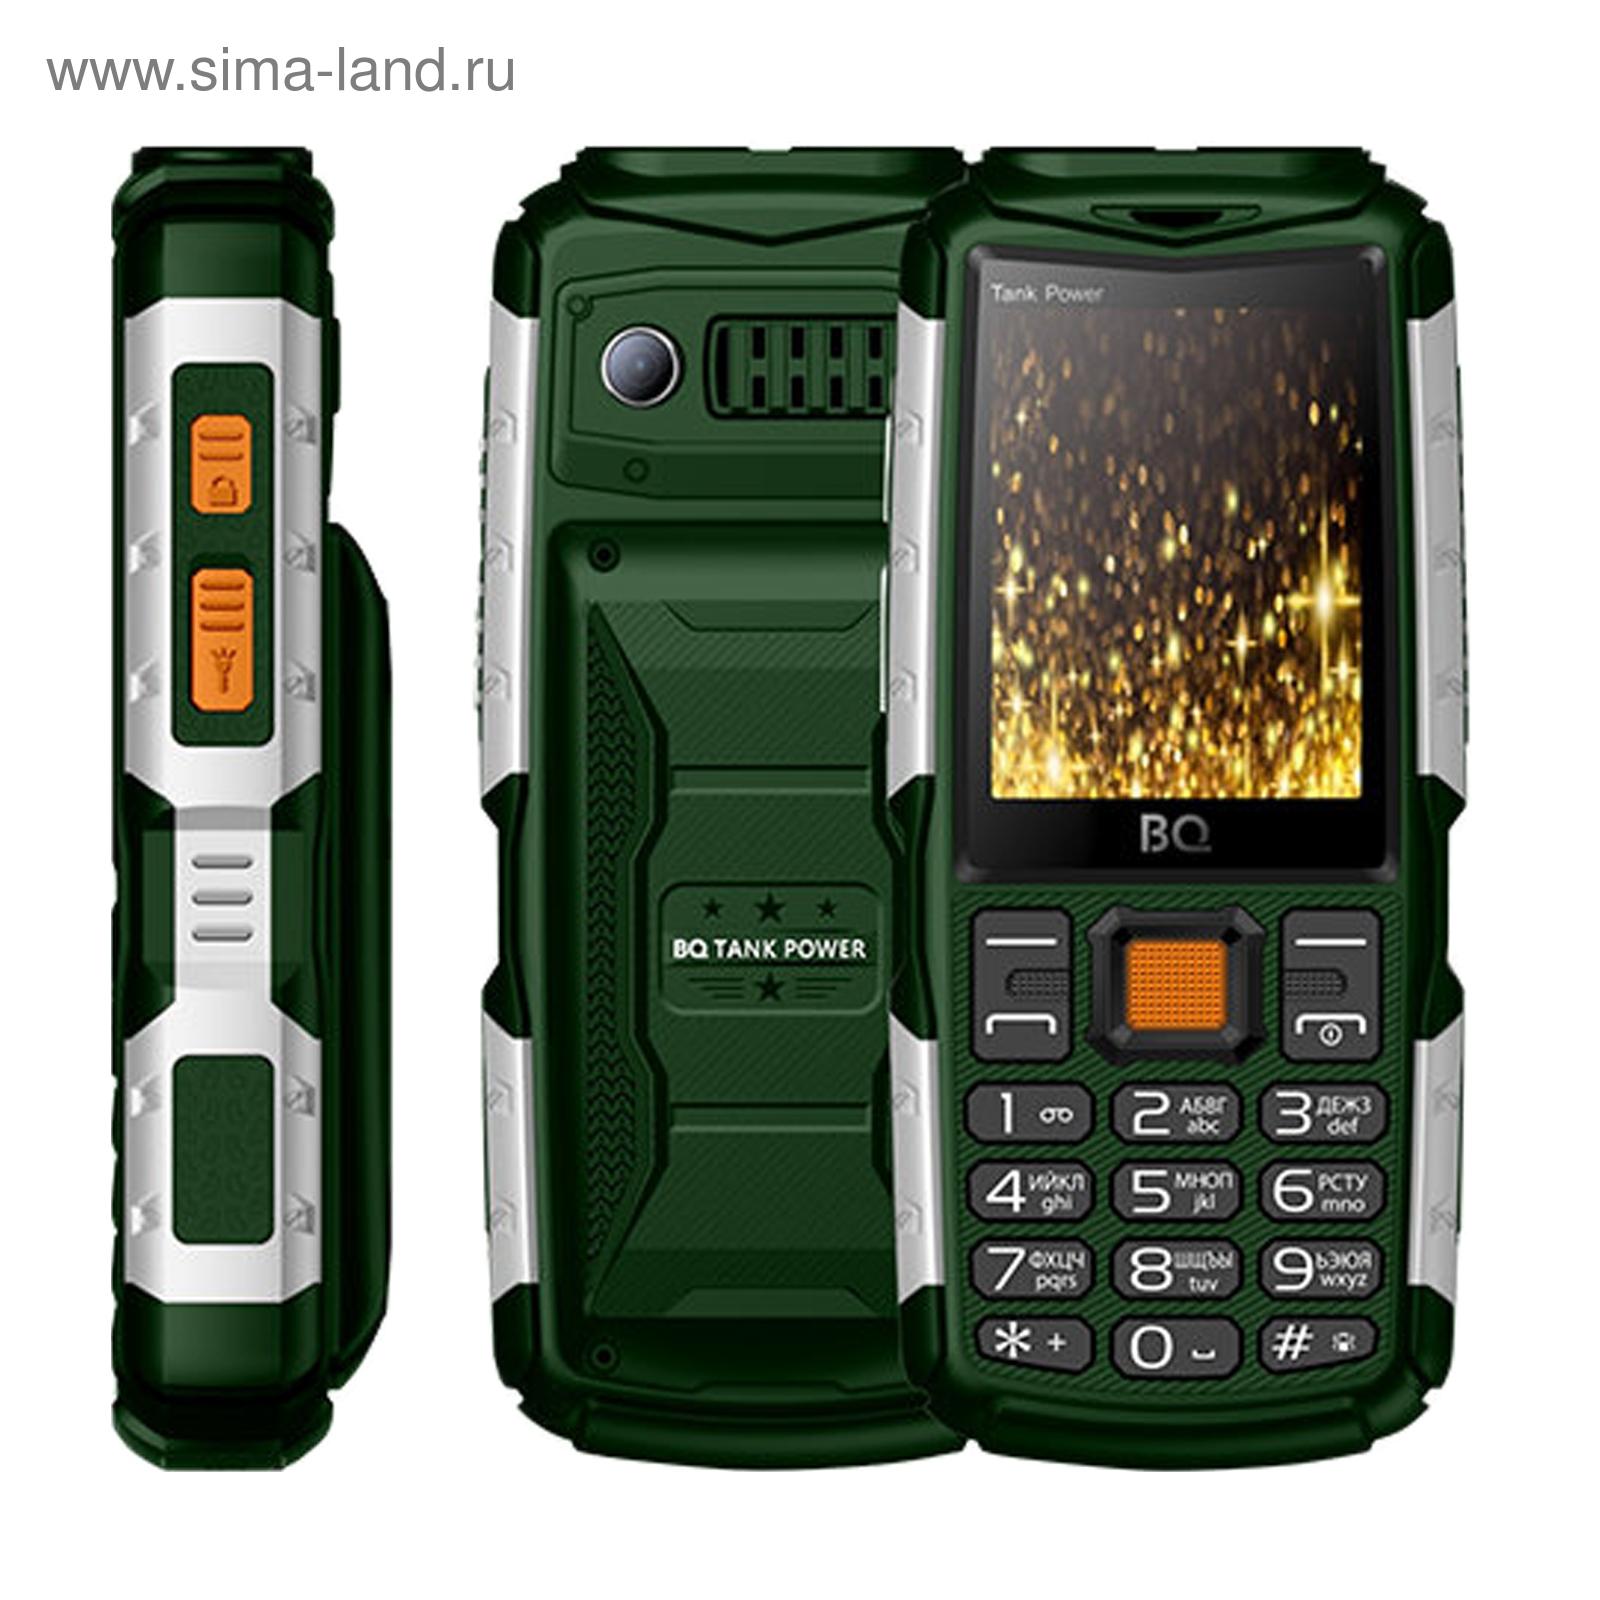 Сотовый телефон BQ M-2430 Tank Power Green Silver, цвет зеленый серебряный cf96bc321b5